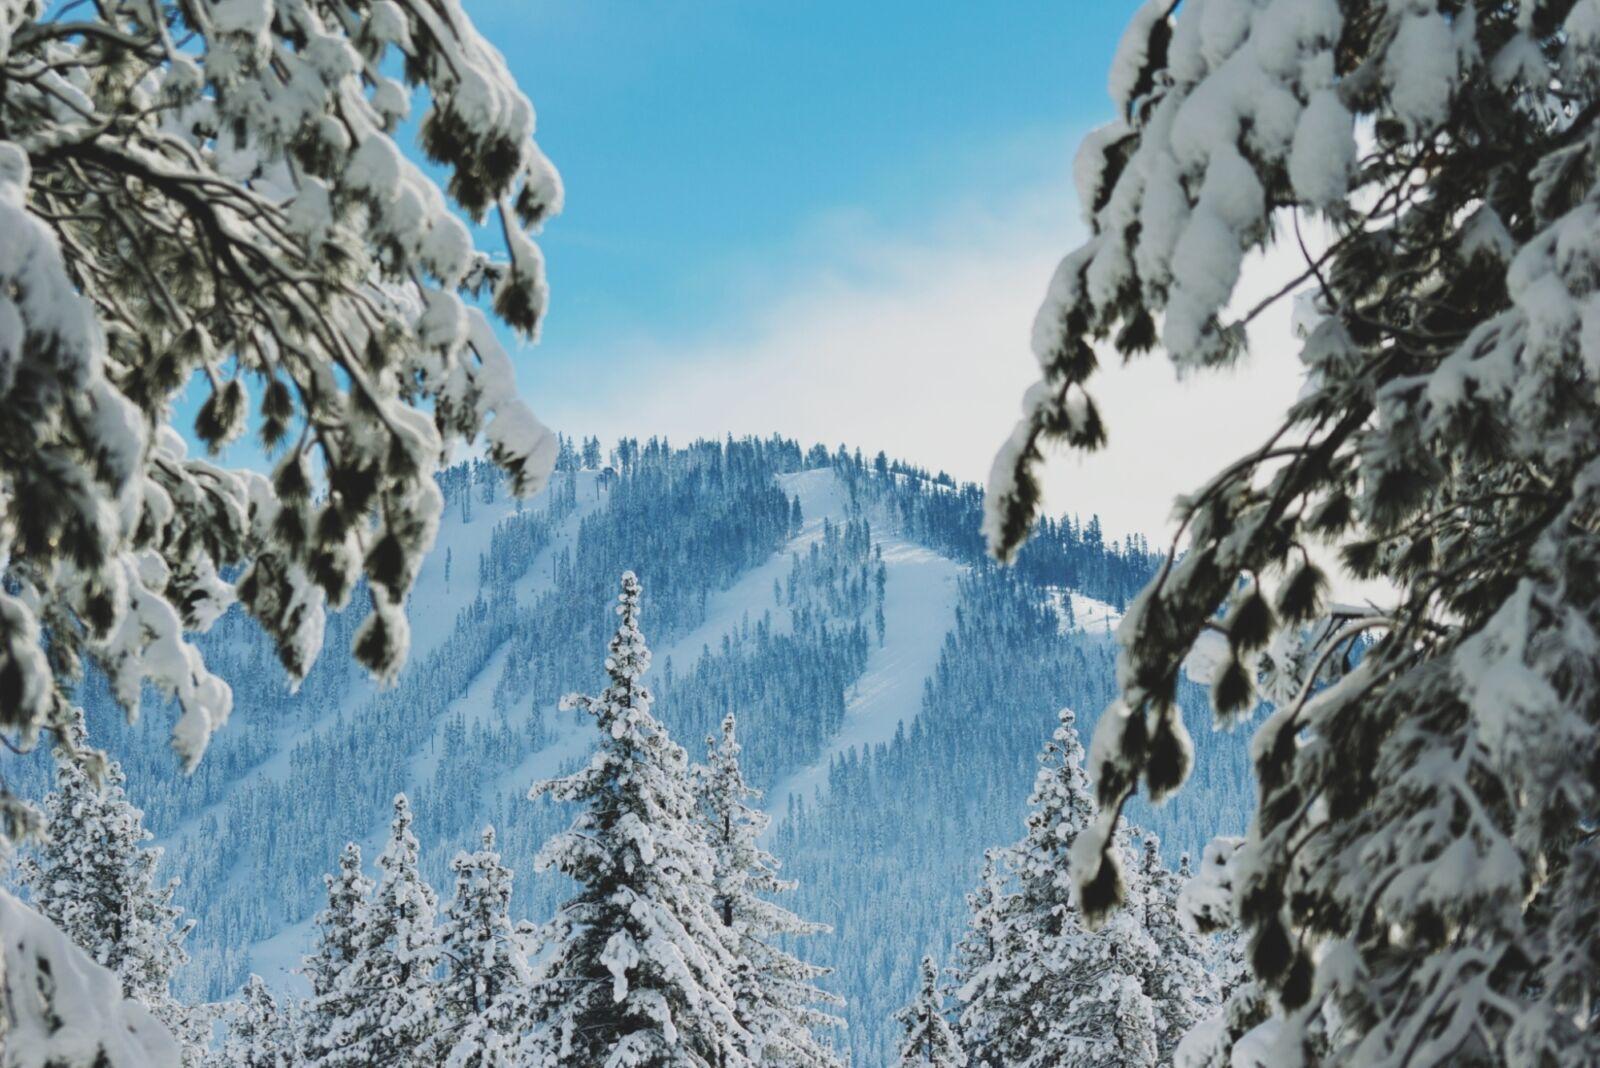 Snowy Mountain Zlg4Exvkgau